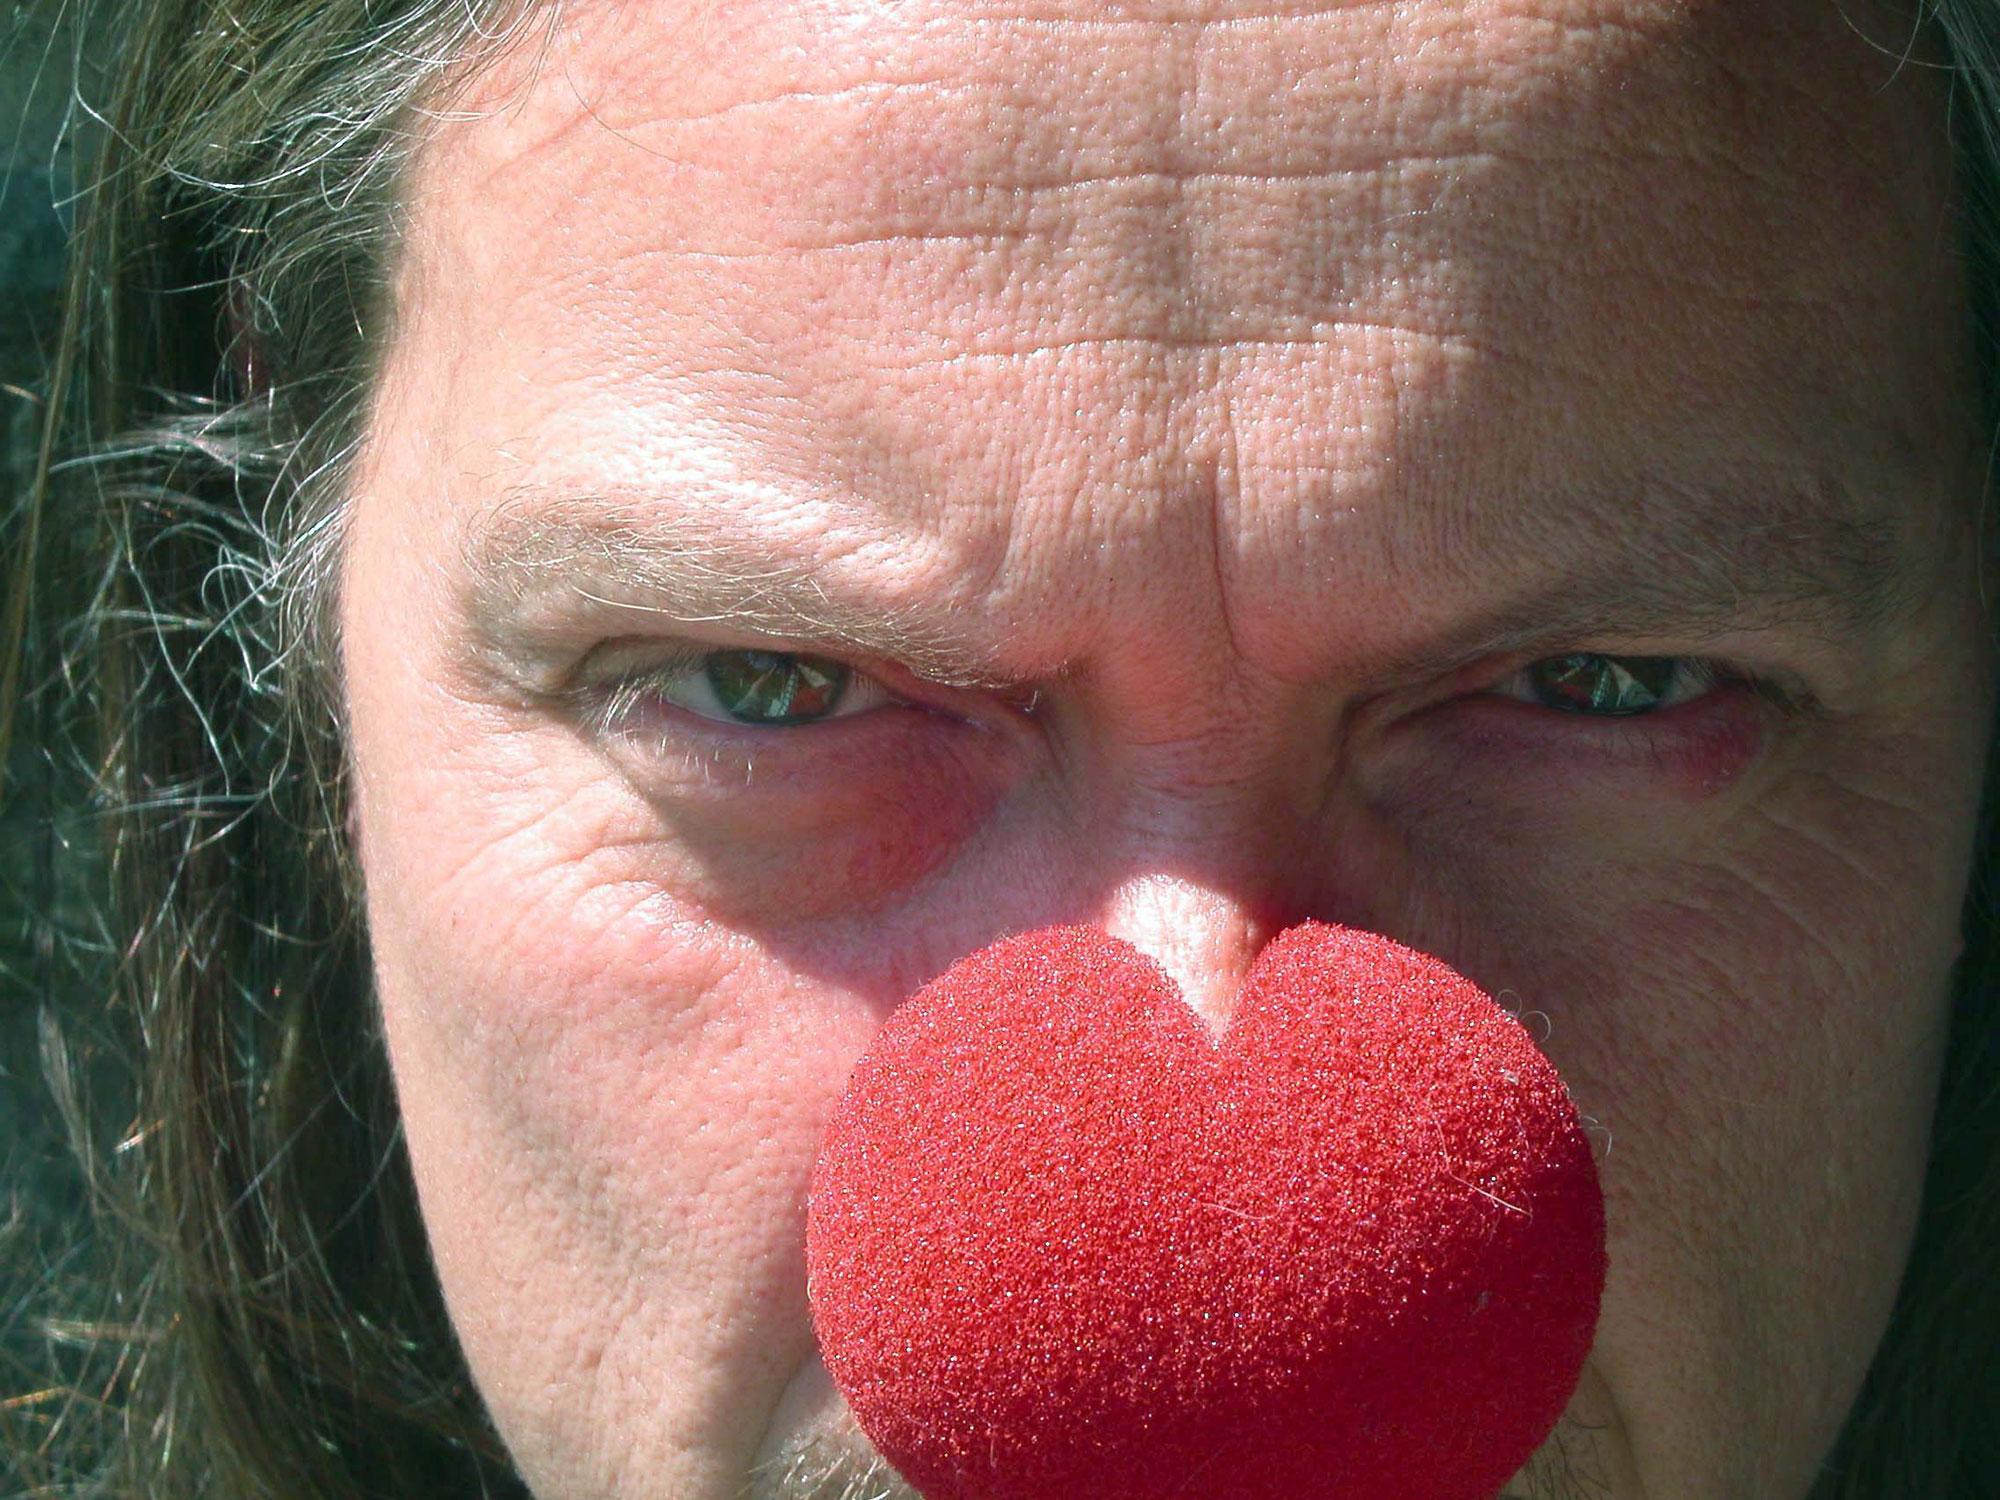 Visage de Franck Lepage avec un nez de clown